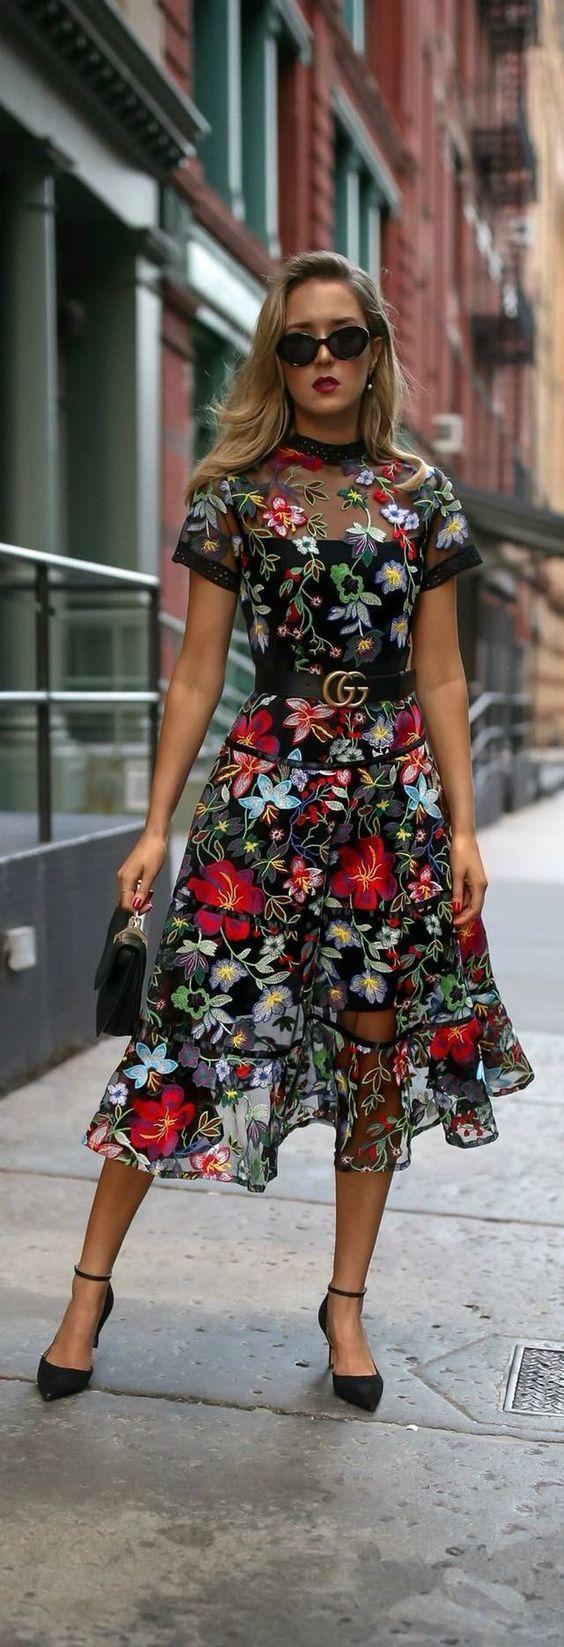 ich liebe kleider kleider   mode, kleidung, outfit